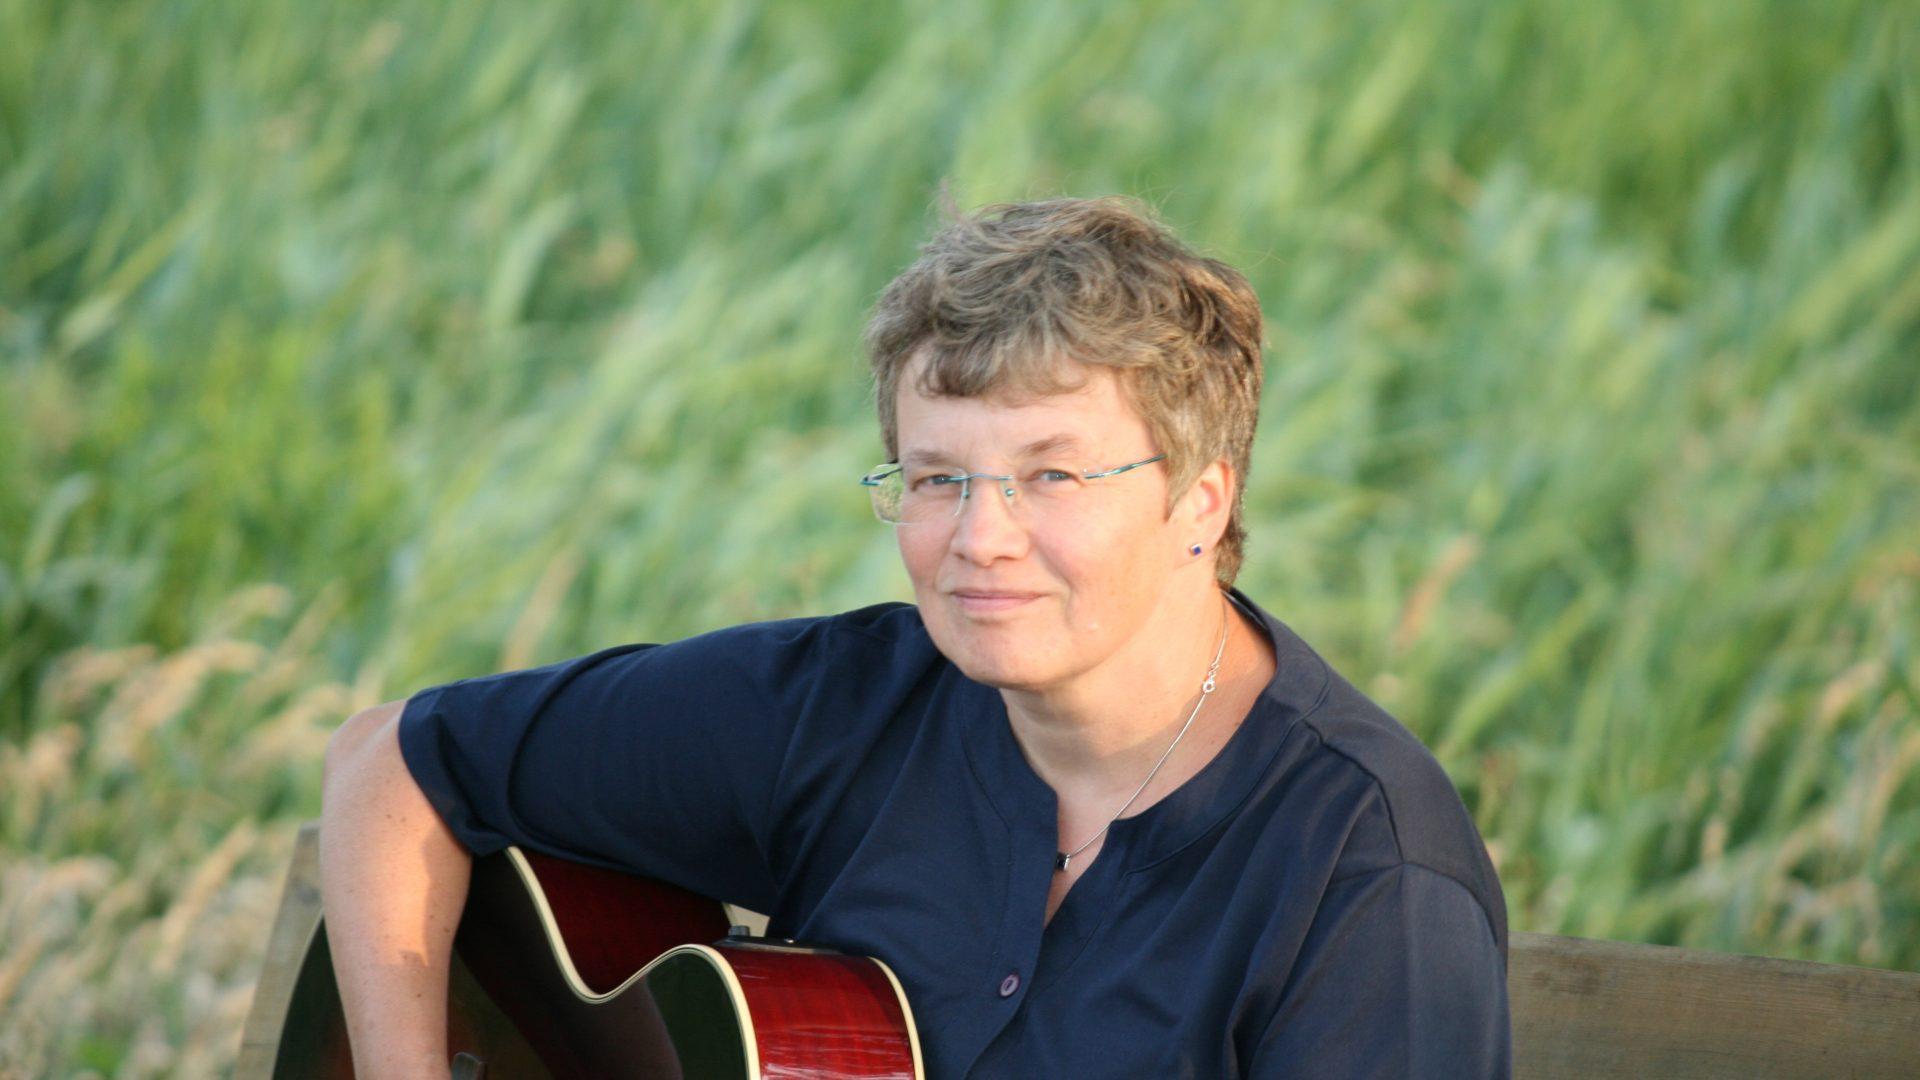 Susanne Frankholz